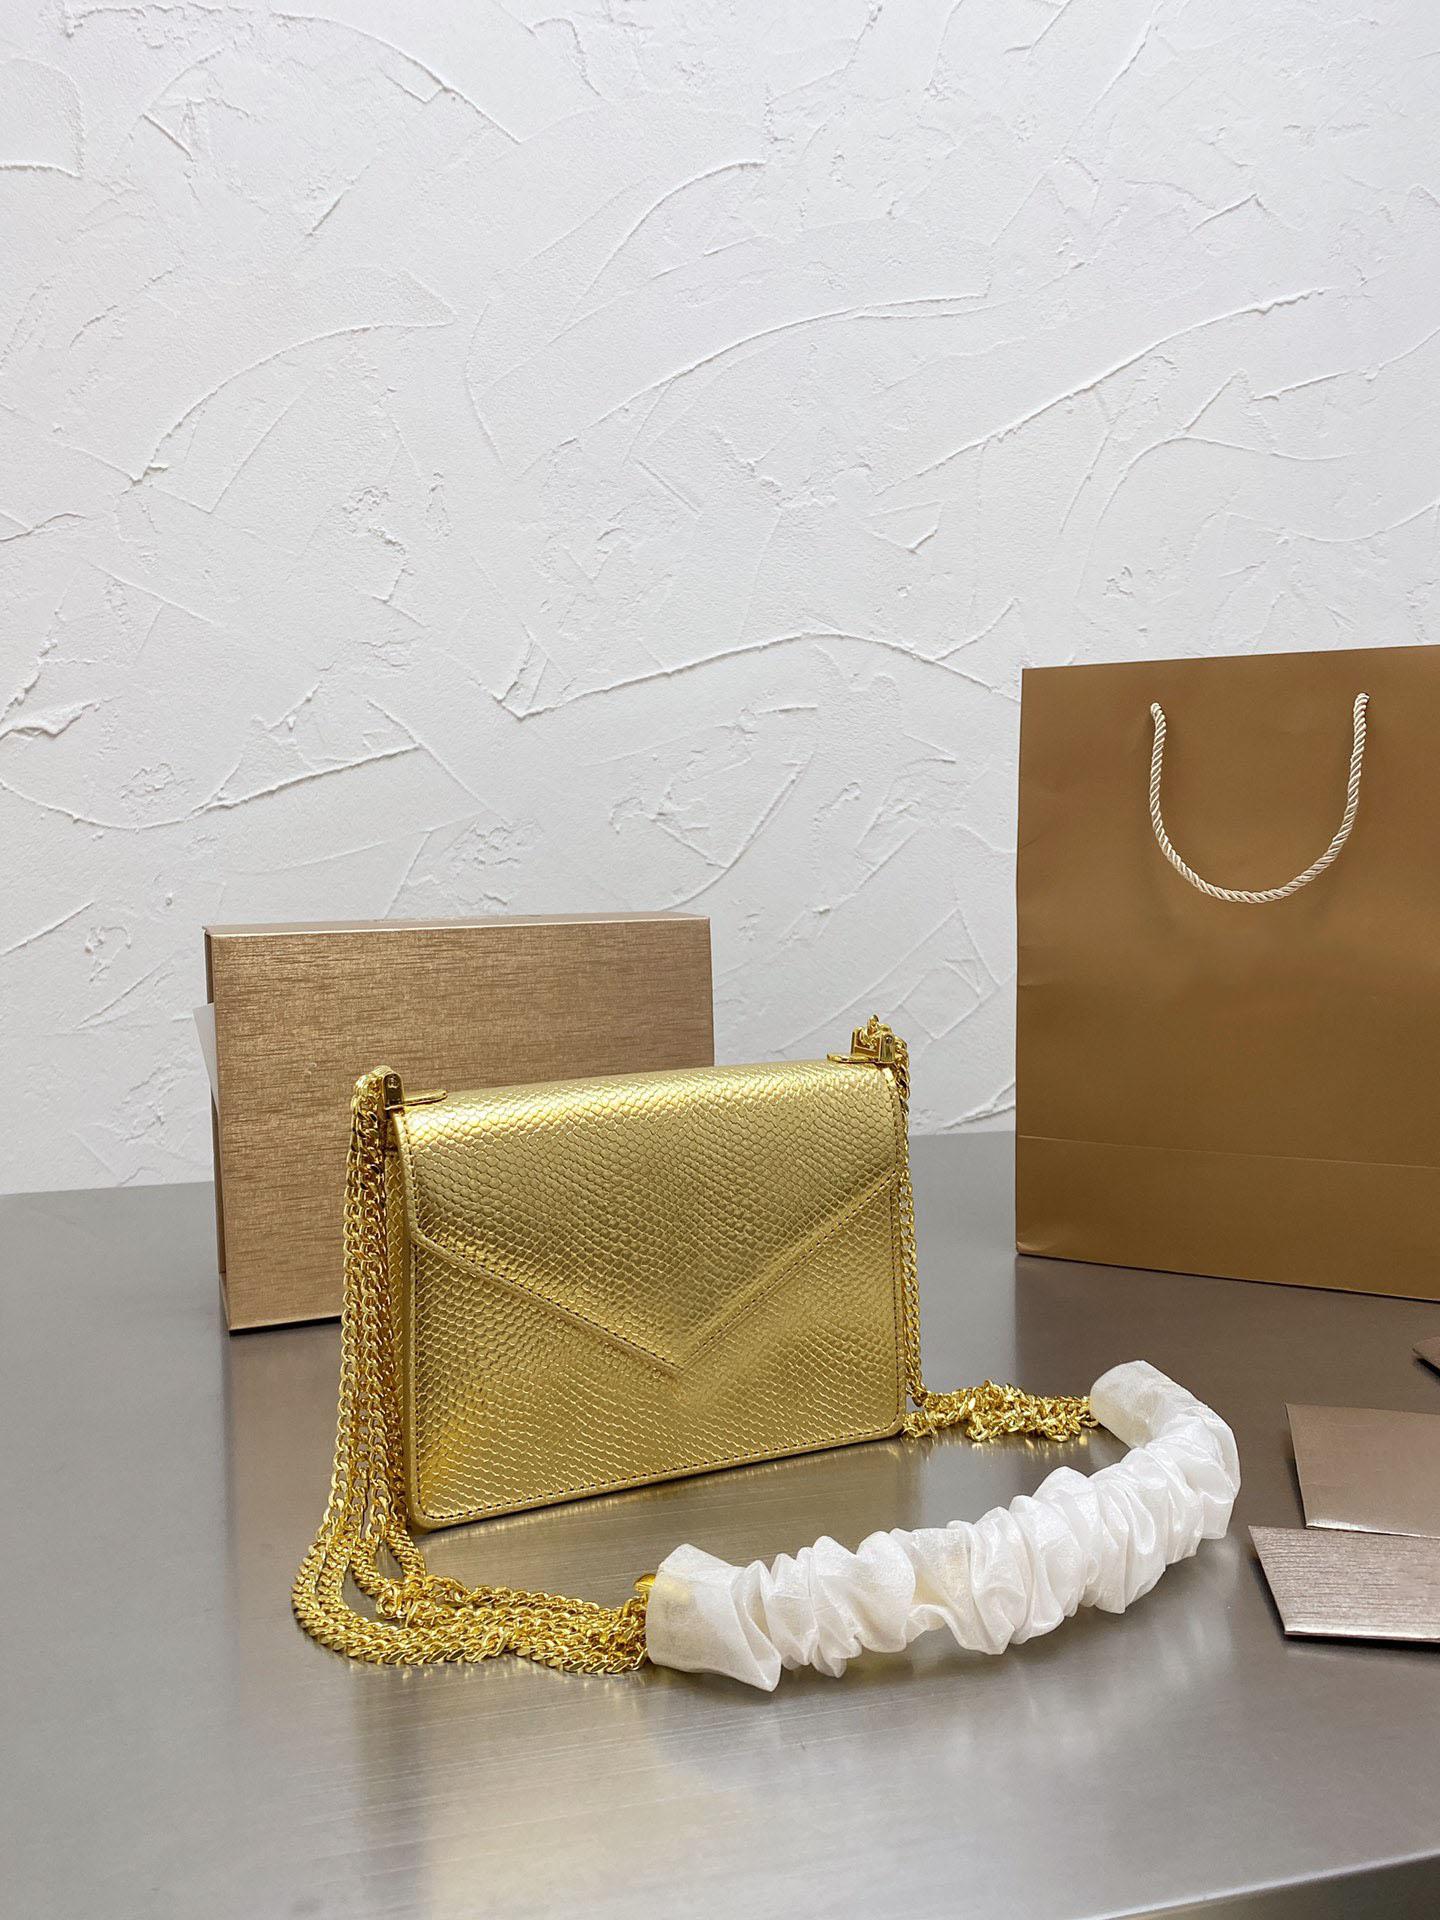 101732 33 المرأة الجديدة سوبر قسط الكلاسيكية حقيبة كتف مفردة حقيبة ساعي